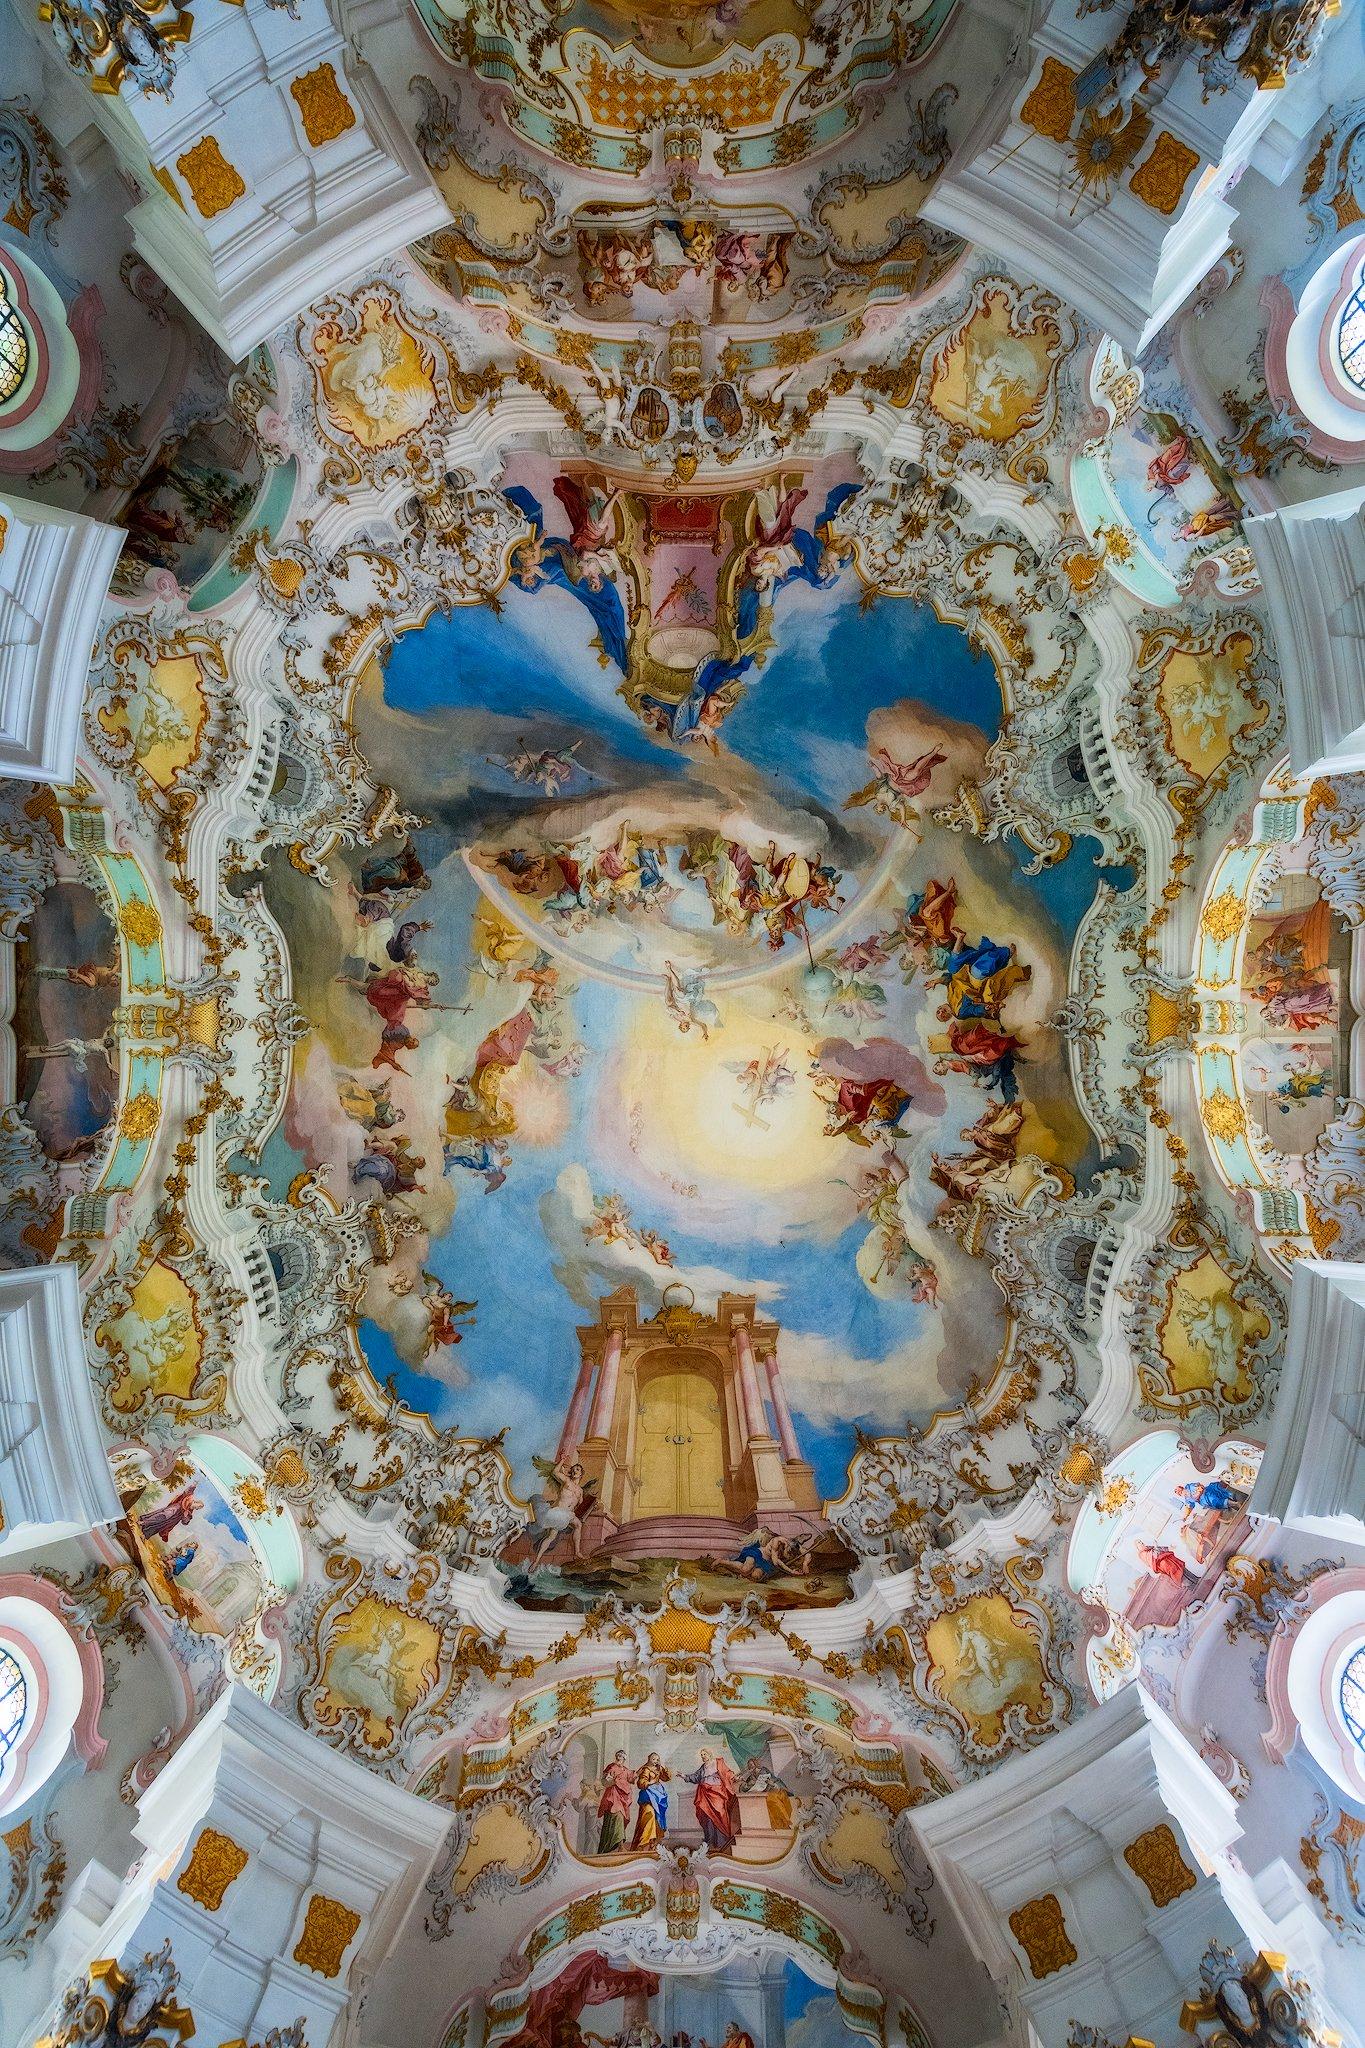 Innenansicht der Wieskirche in Bayern, Deutschland.